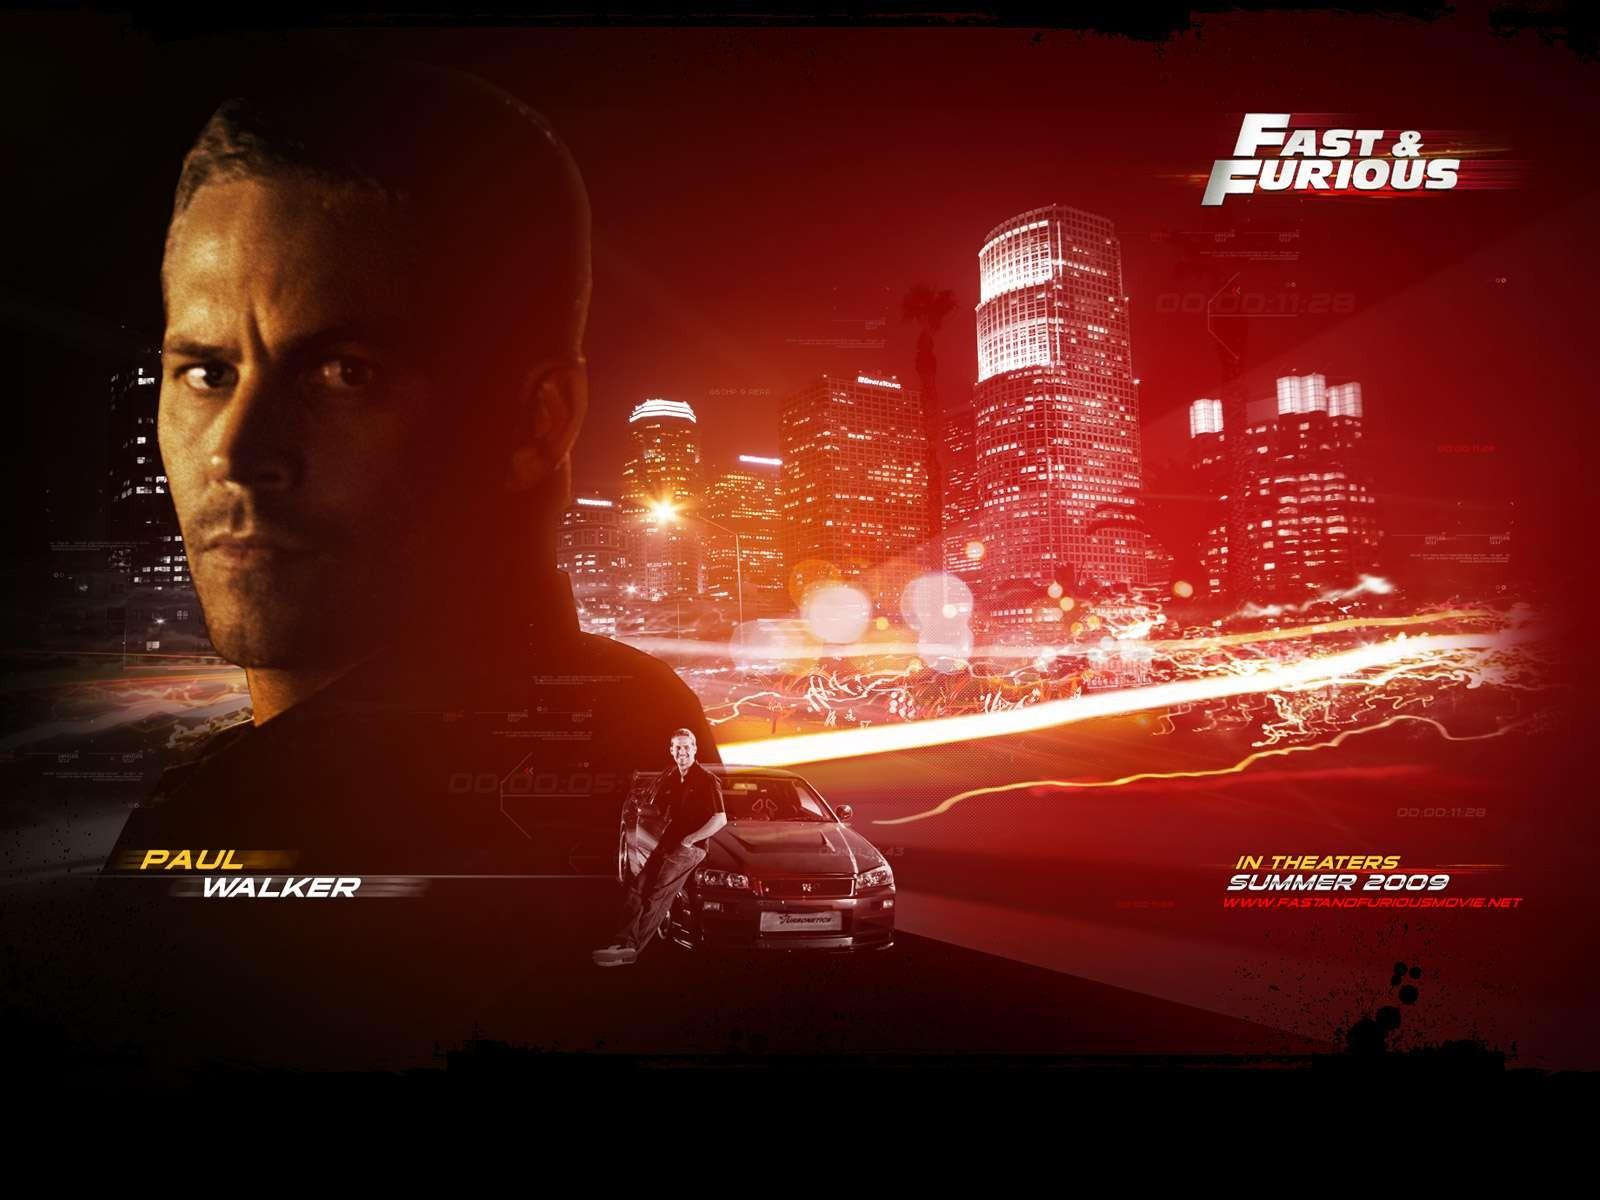 Un wallpaper del film Fast and Furious - Solo parti originali con Paul Walker